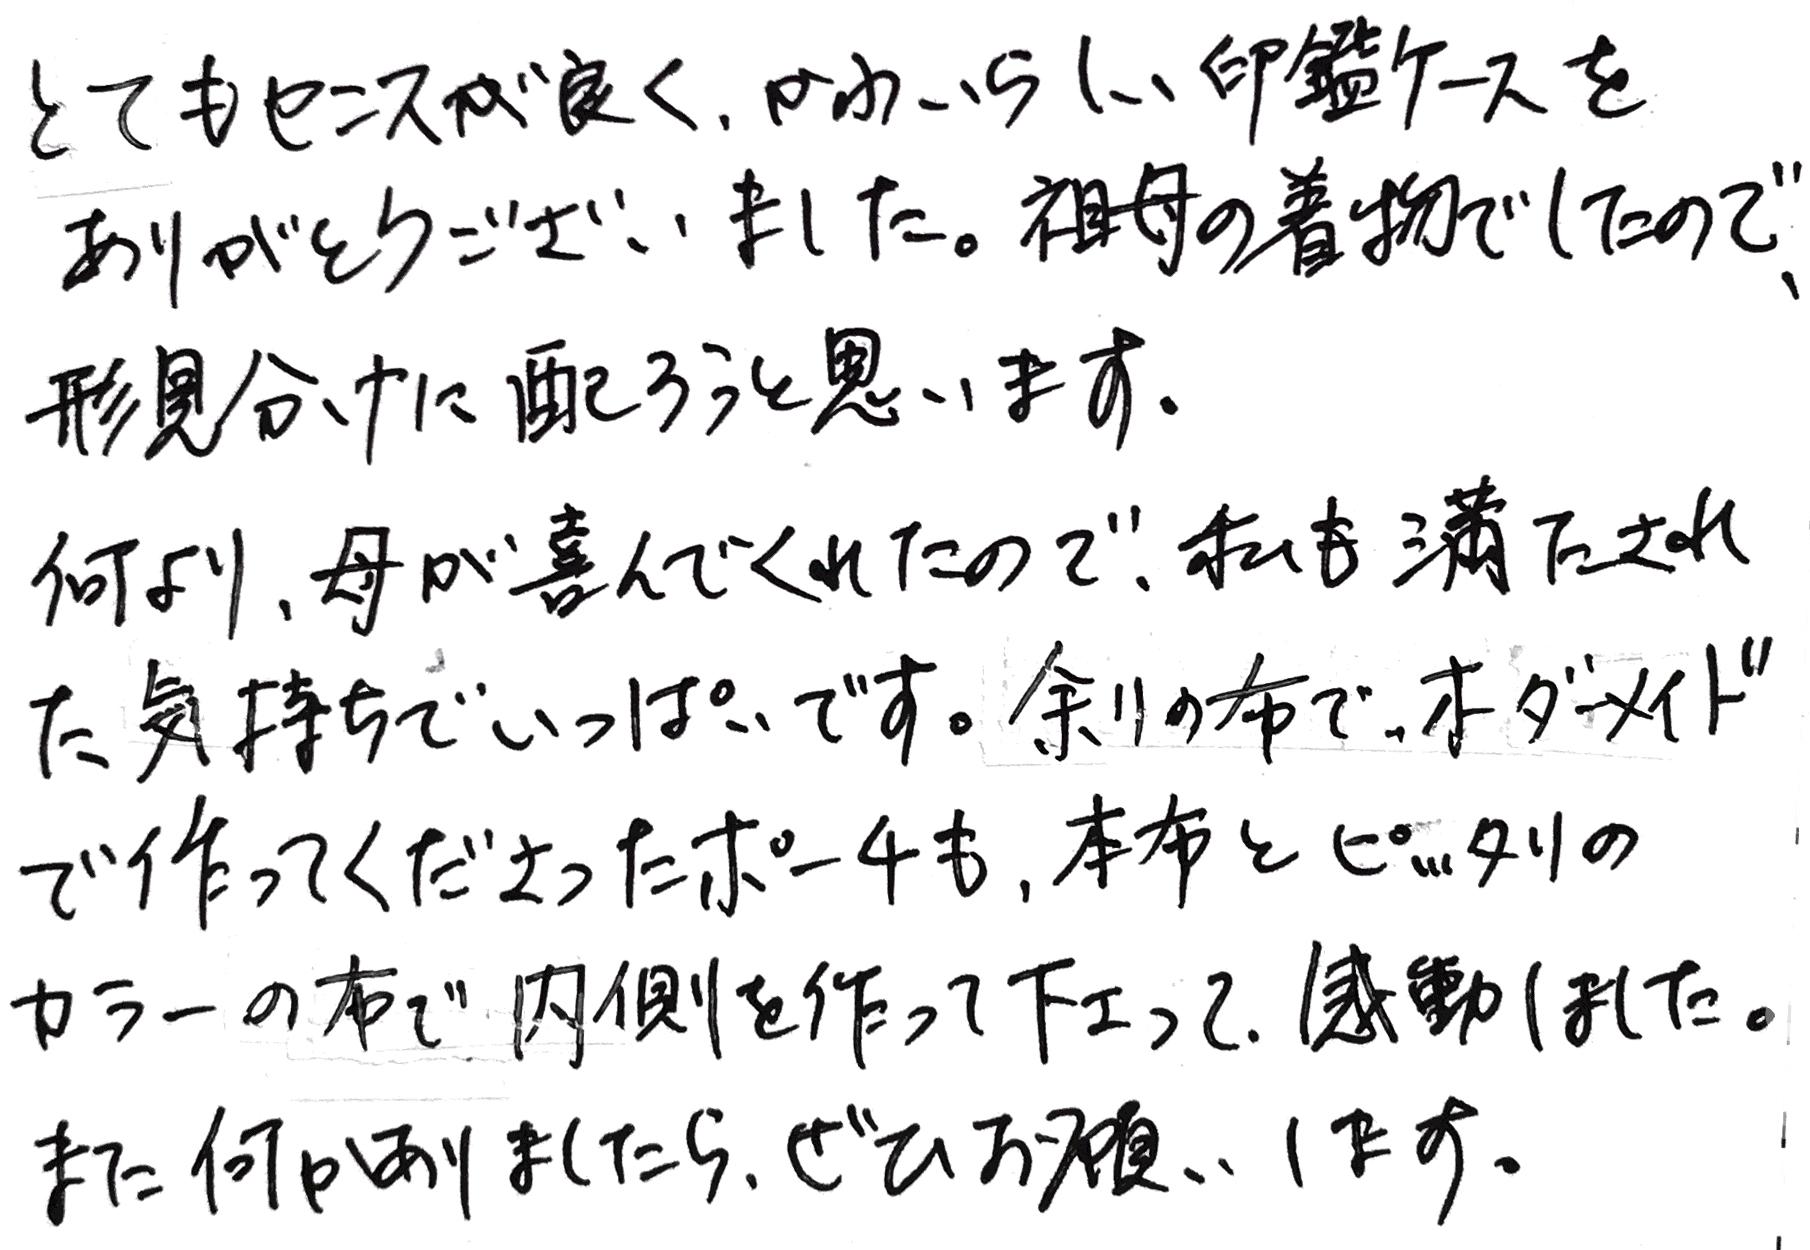 令和最初のブログ記事は当店の着物リメイクをご利用のお客様の声